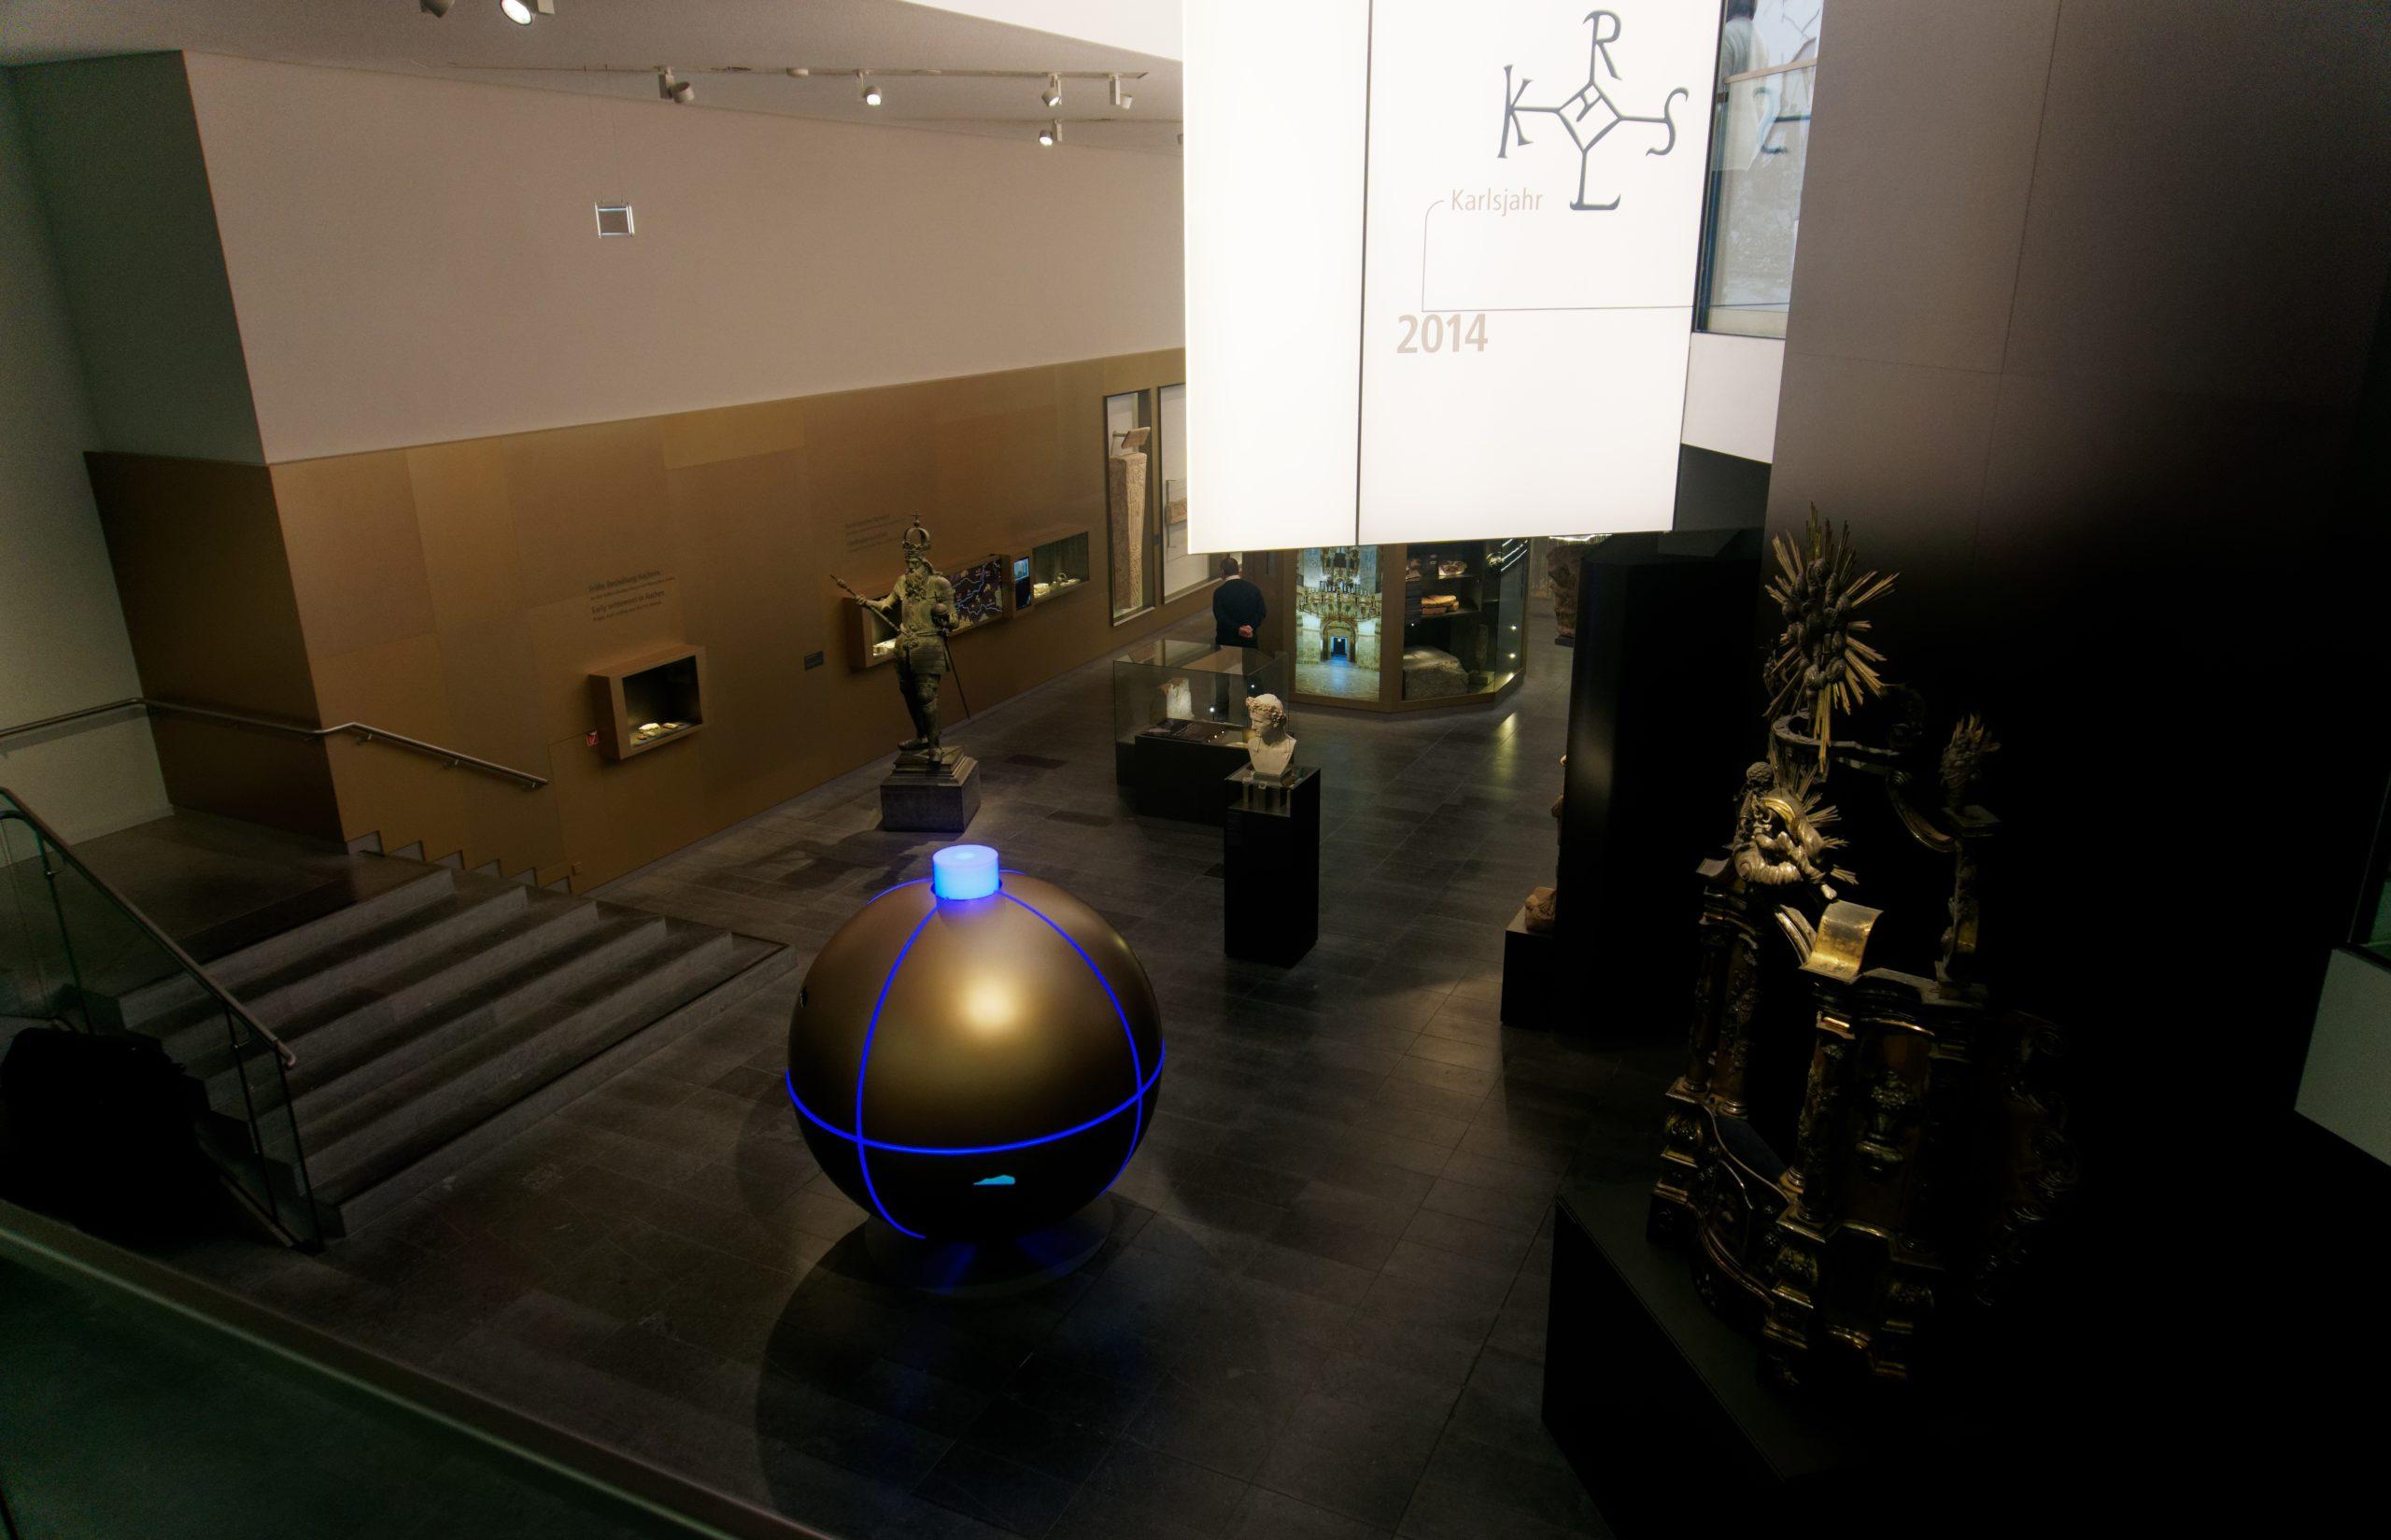 exposition-permanente-centre-charlemagne-aix-la-chapelle-ville-d-histoire-partage-musee